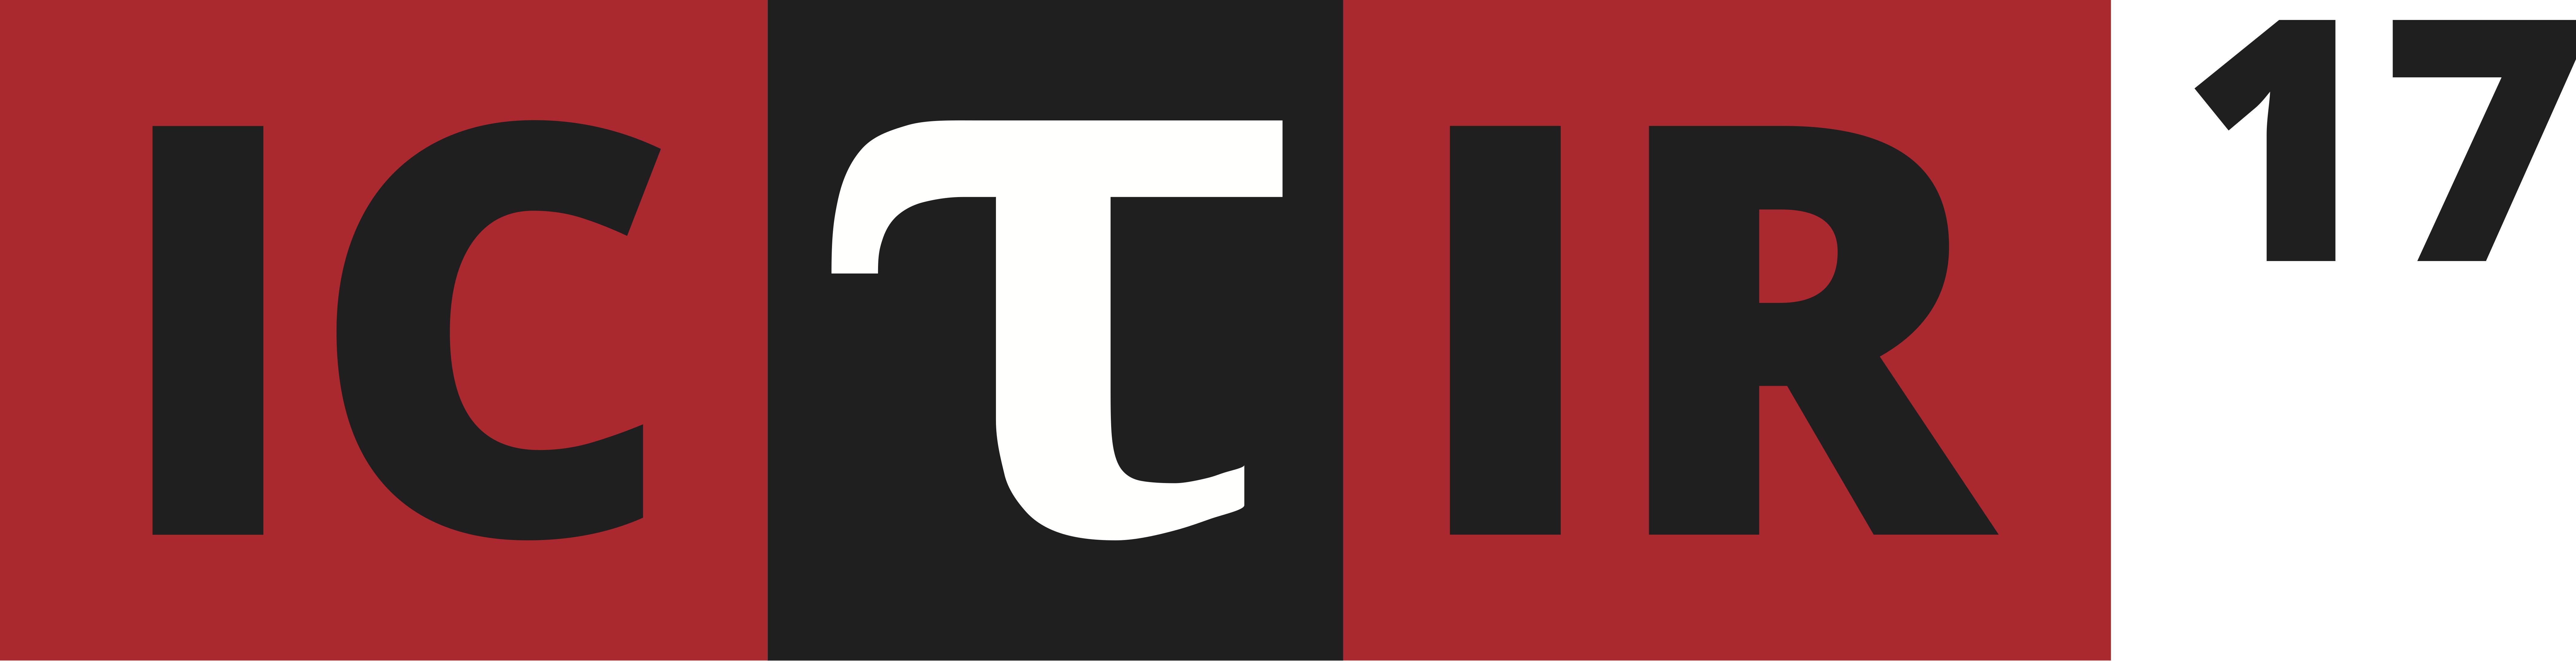 ICTIR 2017